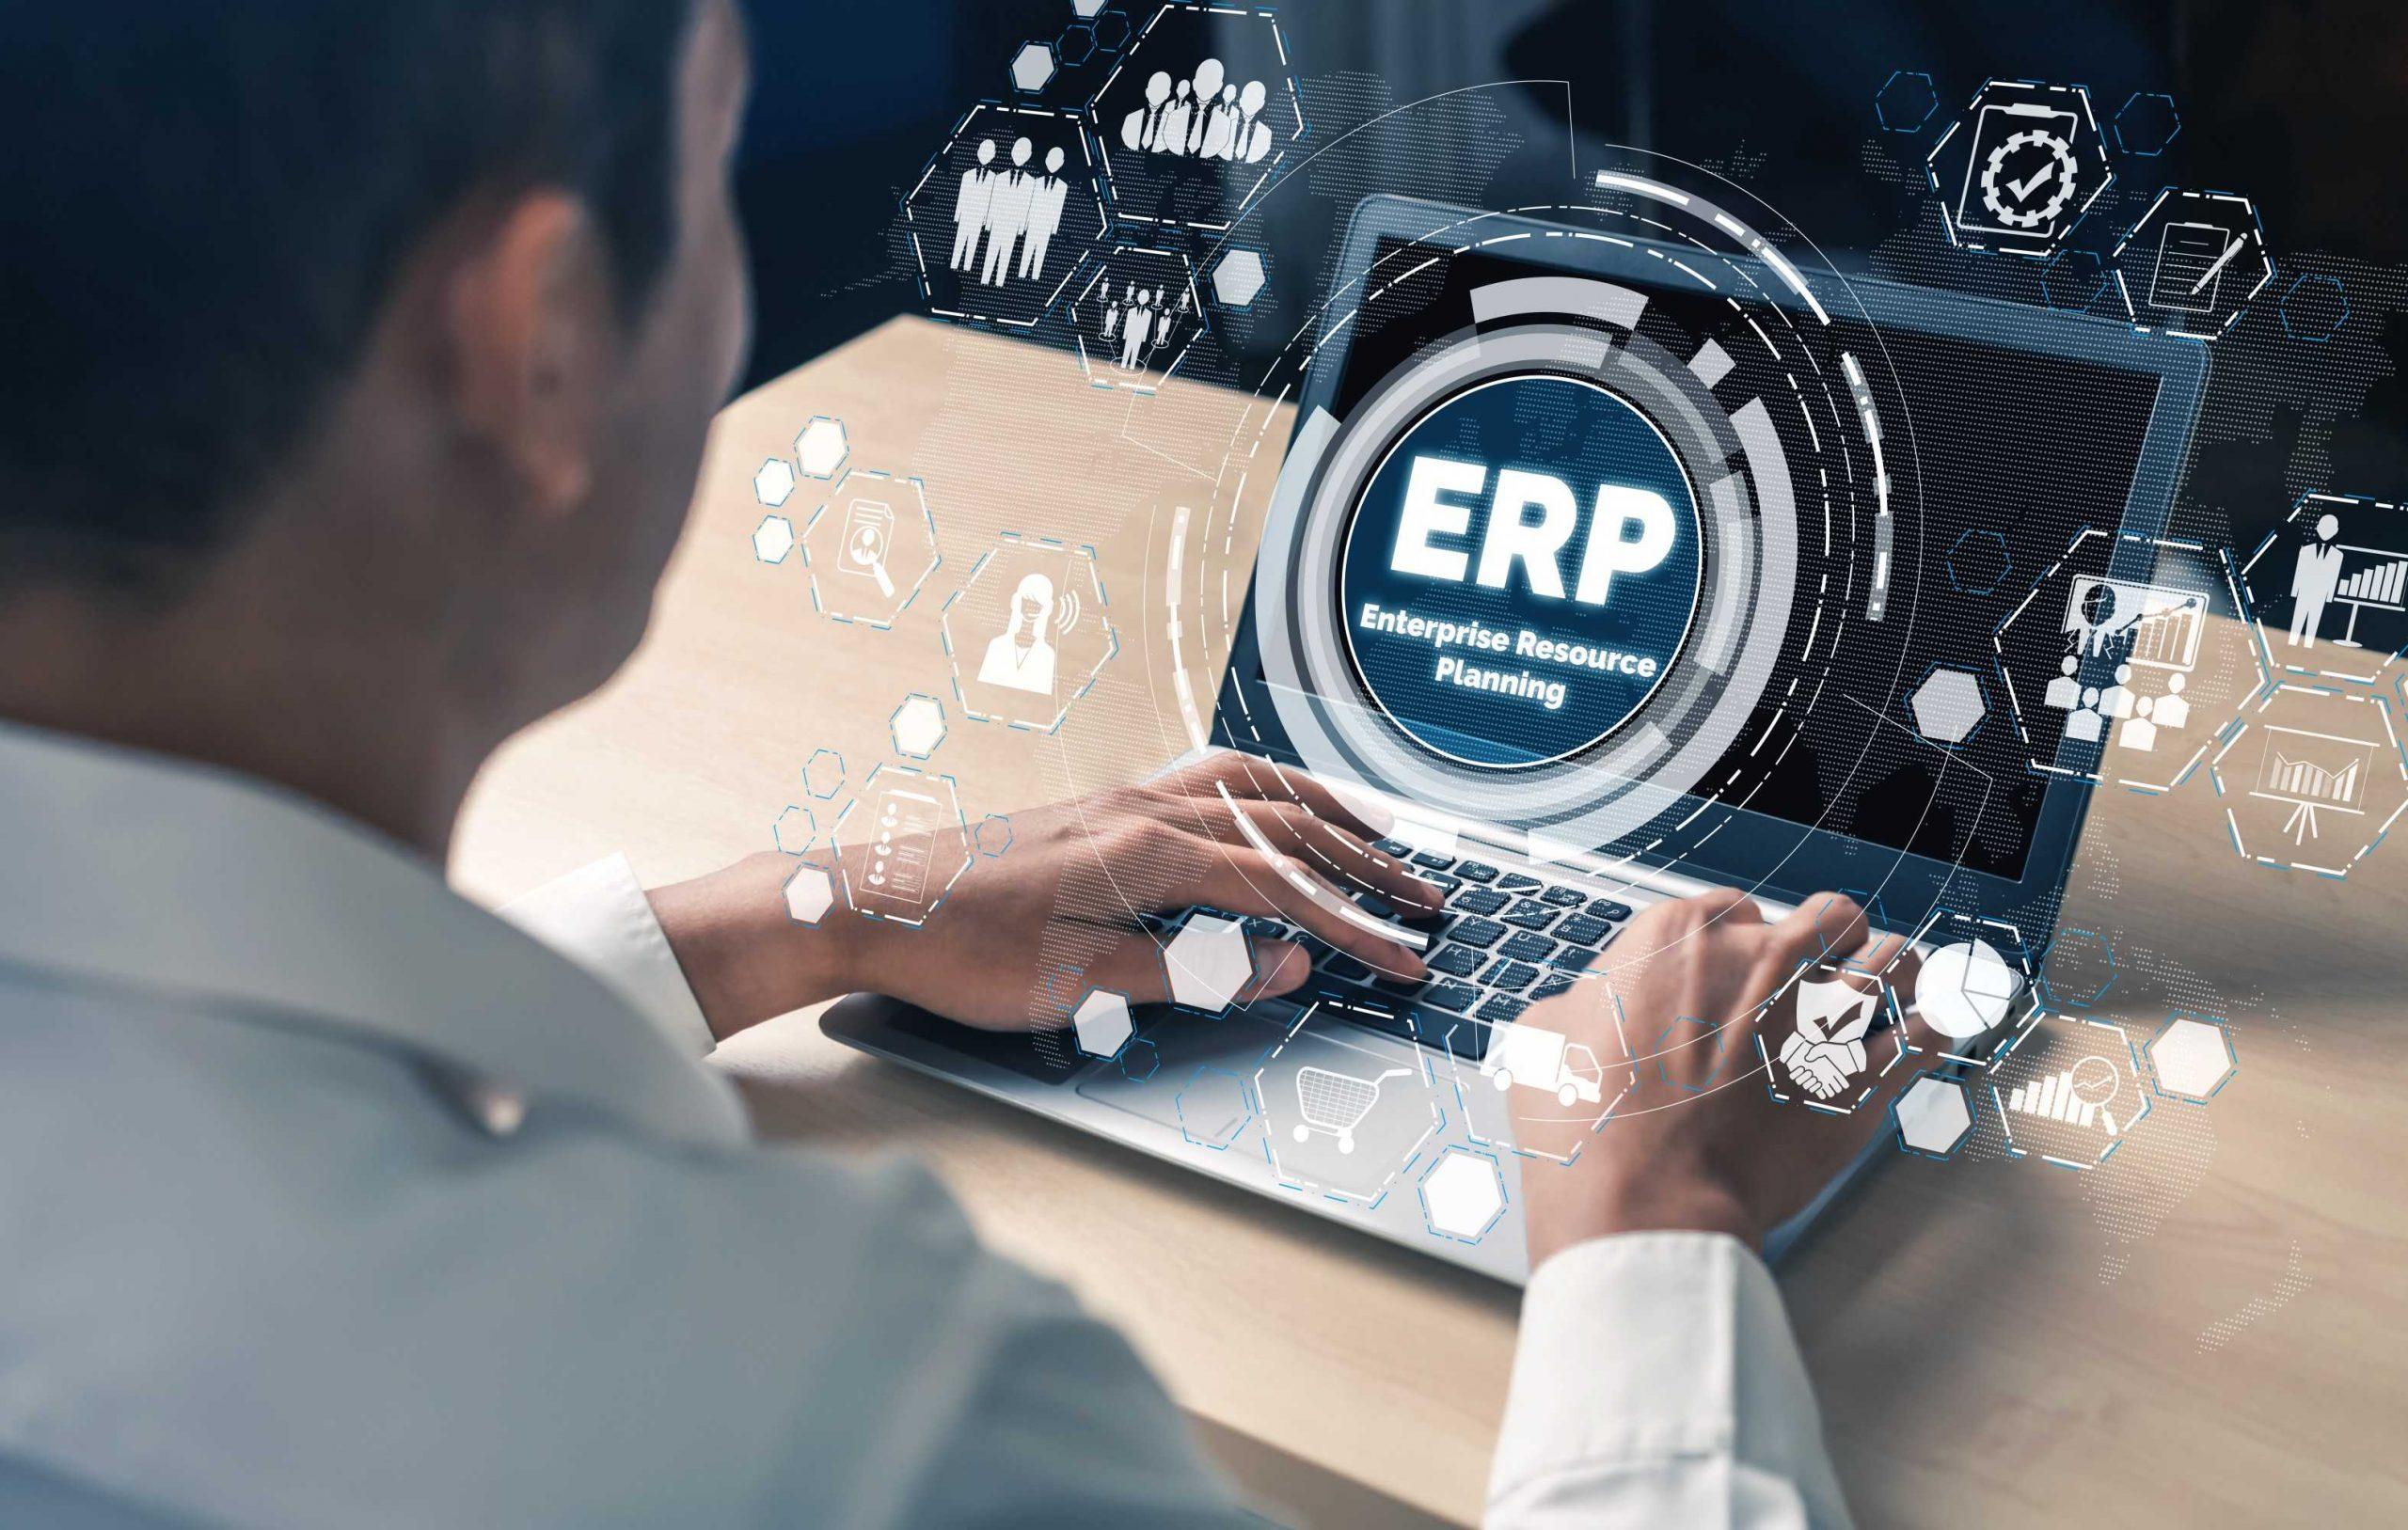 أنظمة ERP المحاسبية